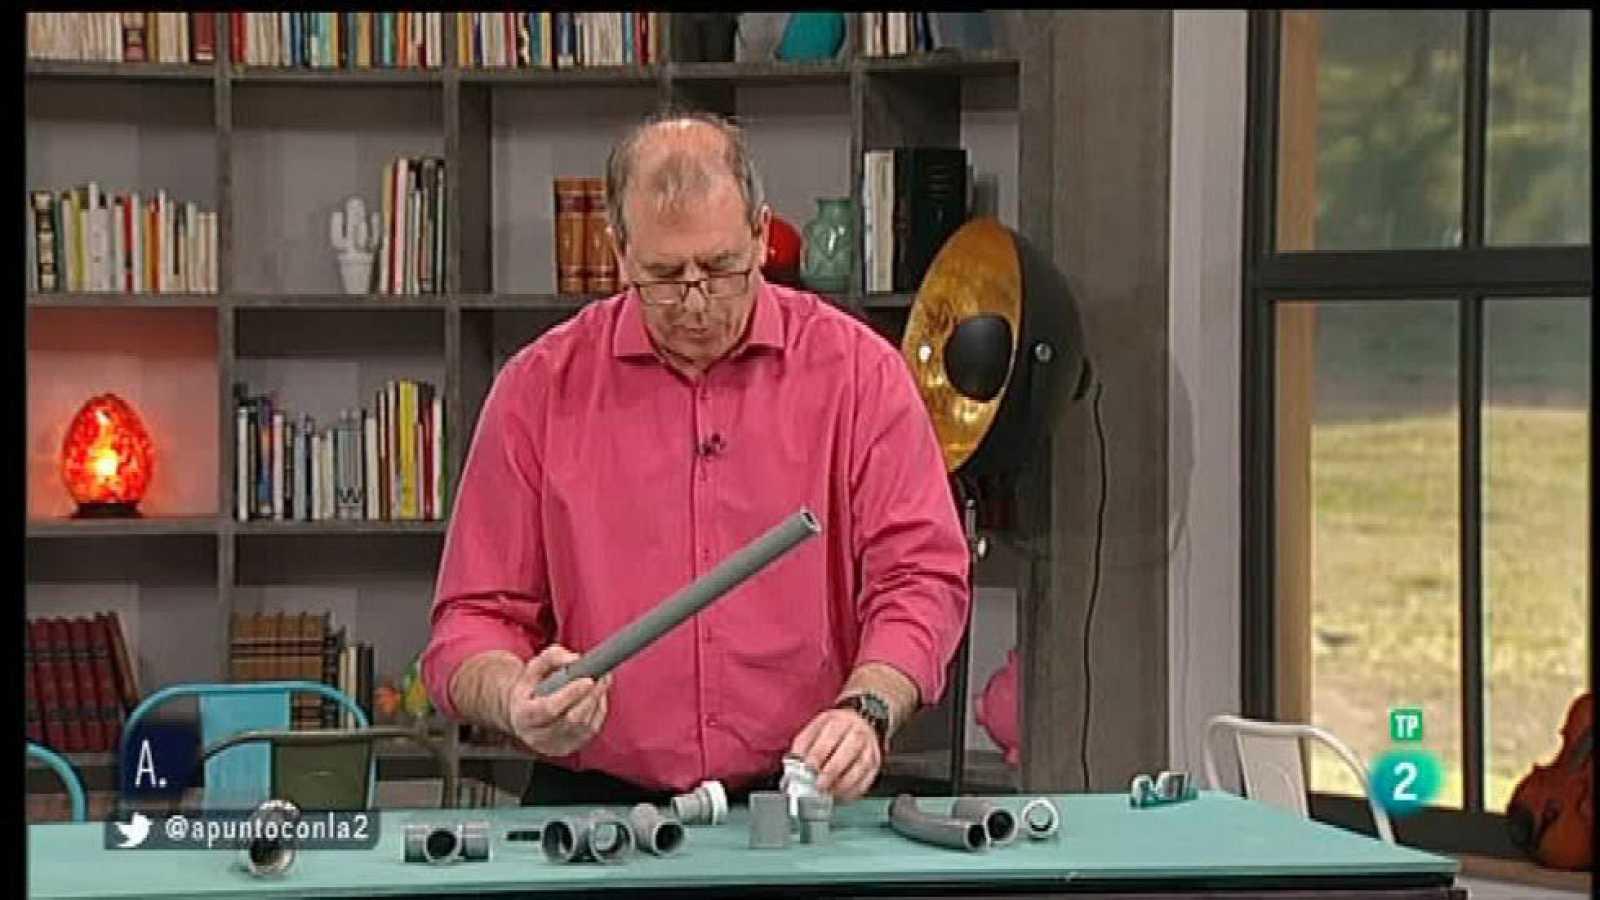 A Punto Con La 2 Hazlo Tu Mismo Instalar Un Plato De Ducha Rtvees - Como-instalar-un-plato-de-ducha